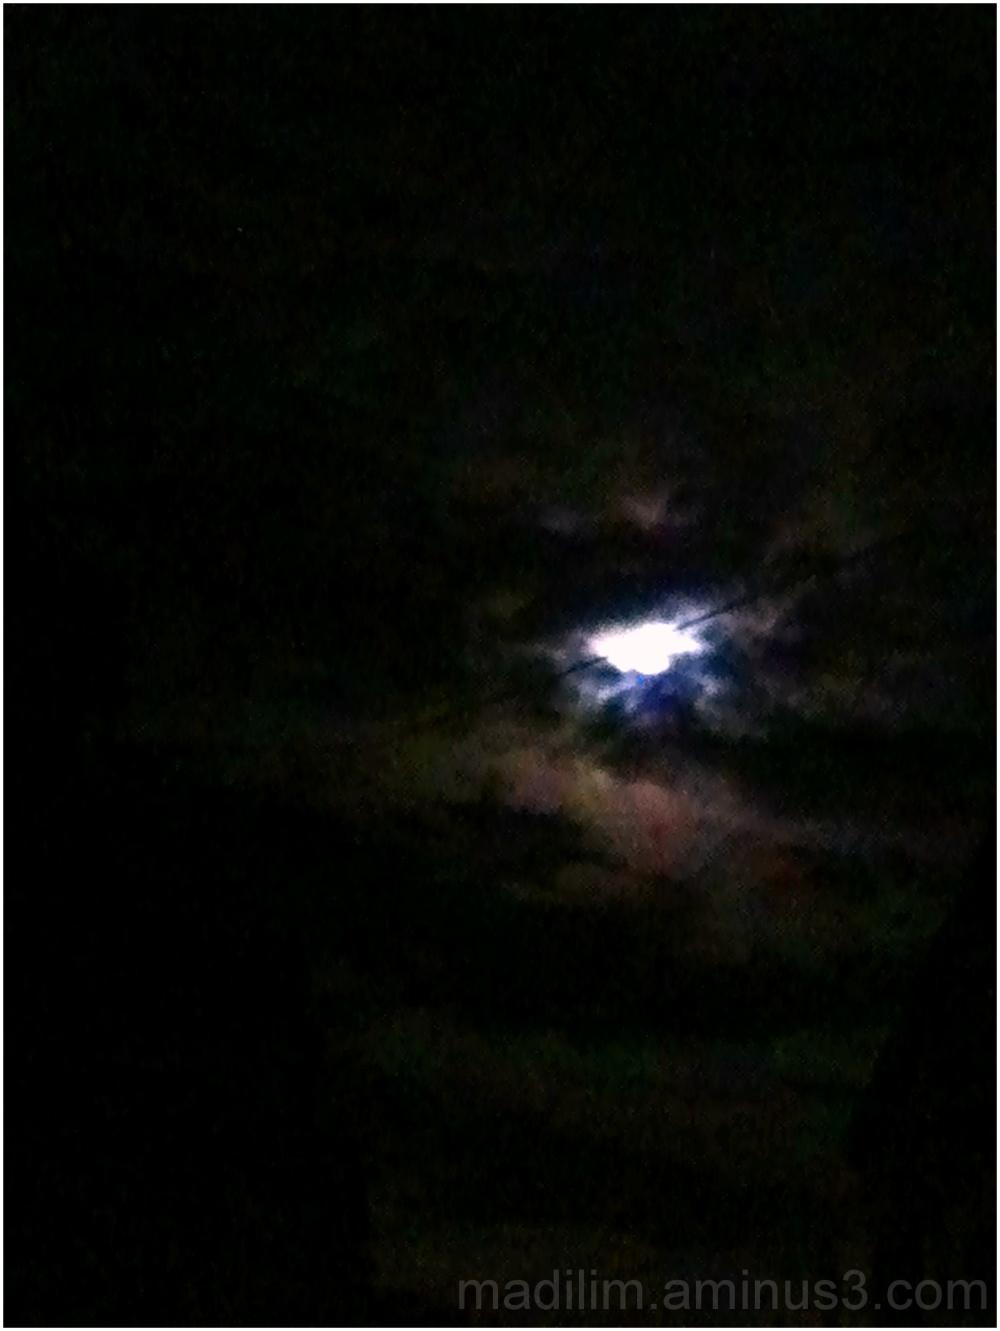 a shot at the moon